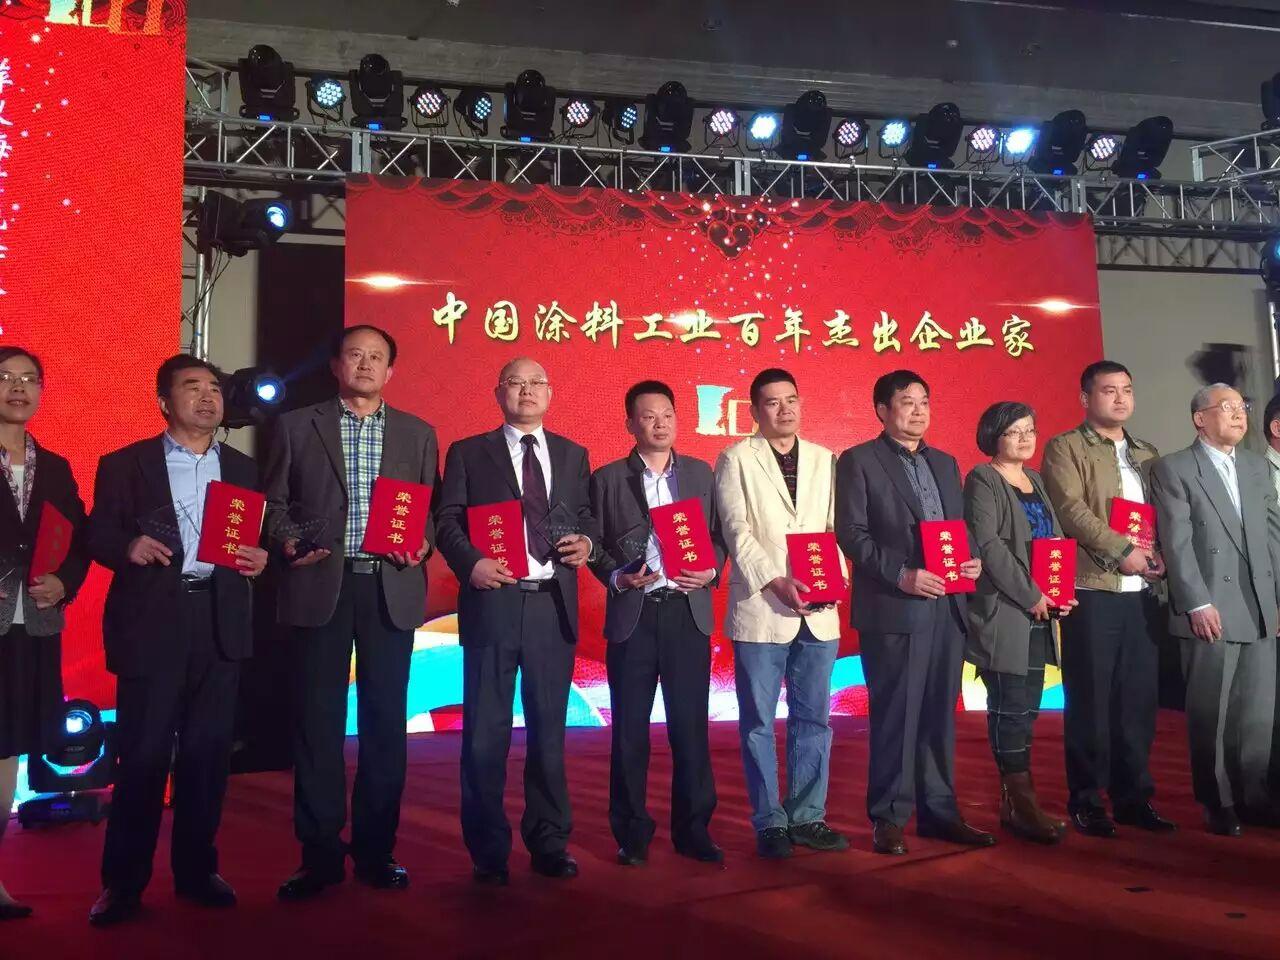 赛德丽董事长上台领奖(左四)